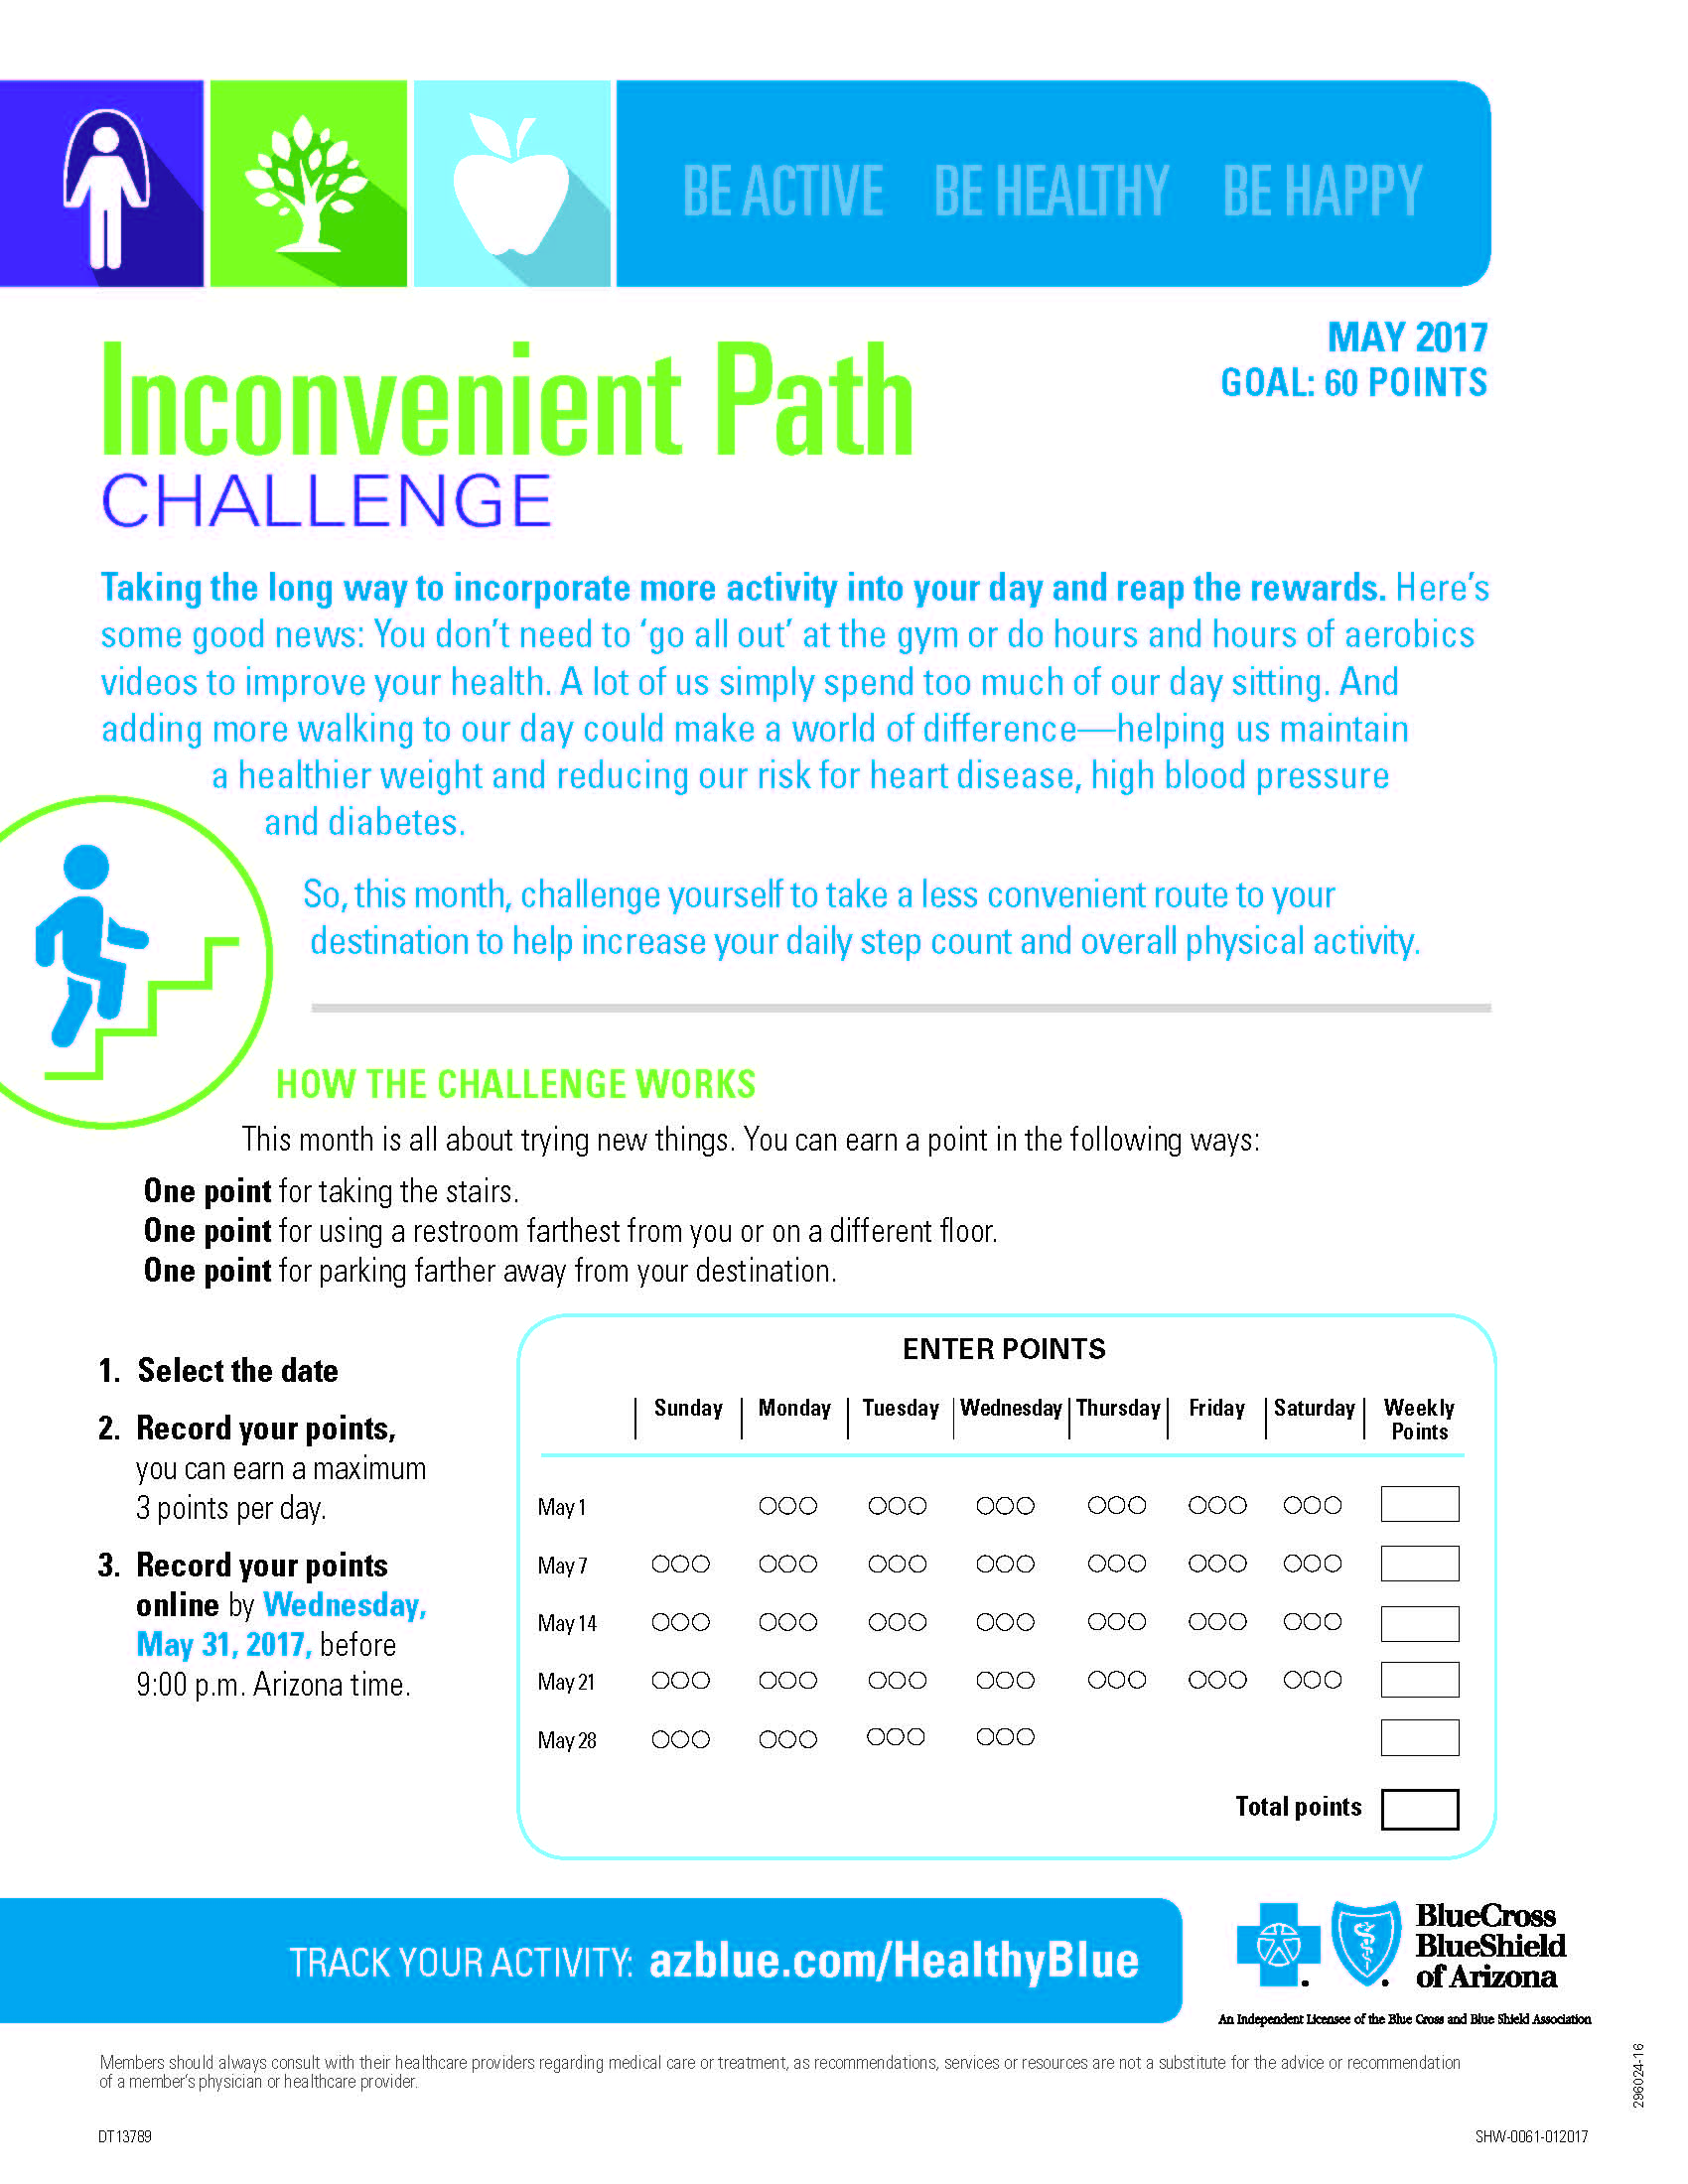 Inconvenient Path_Q2_Tracker